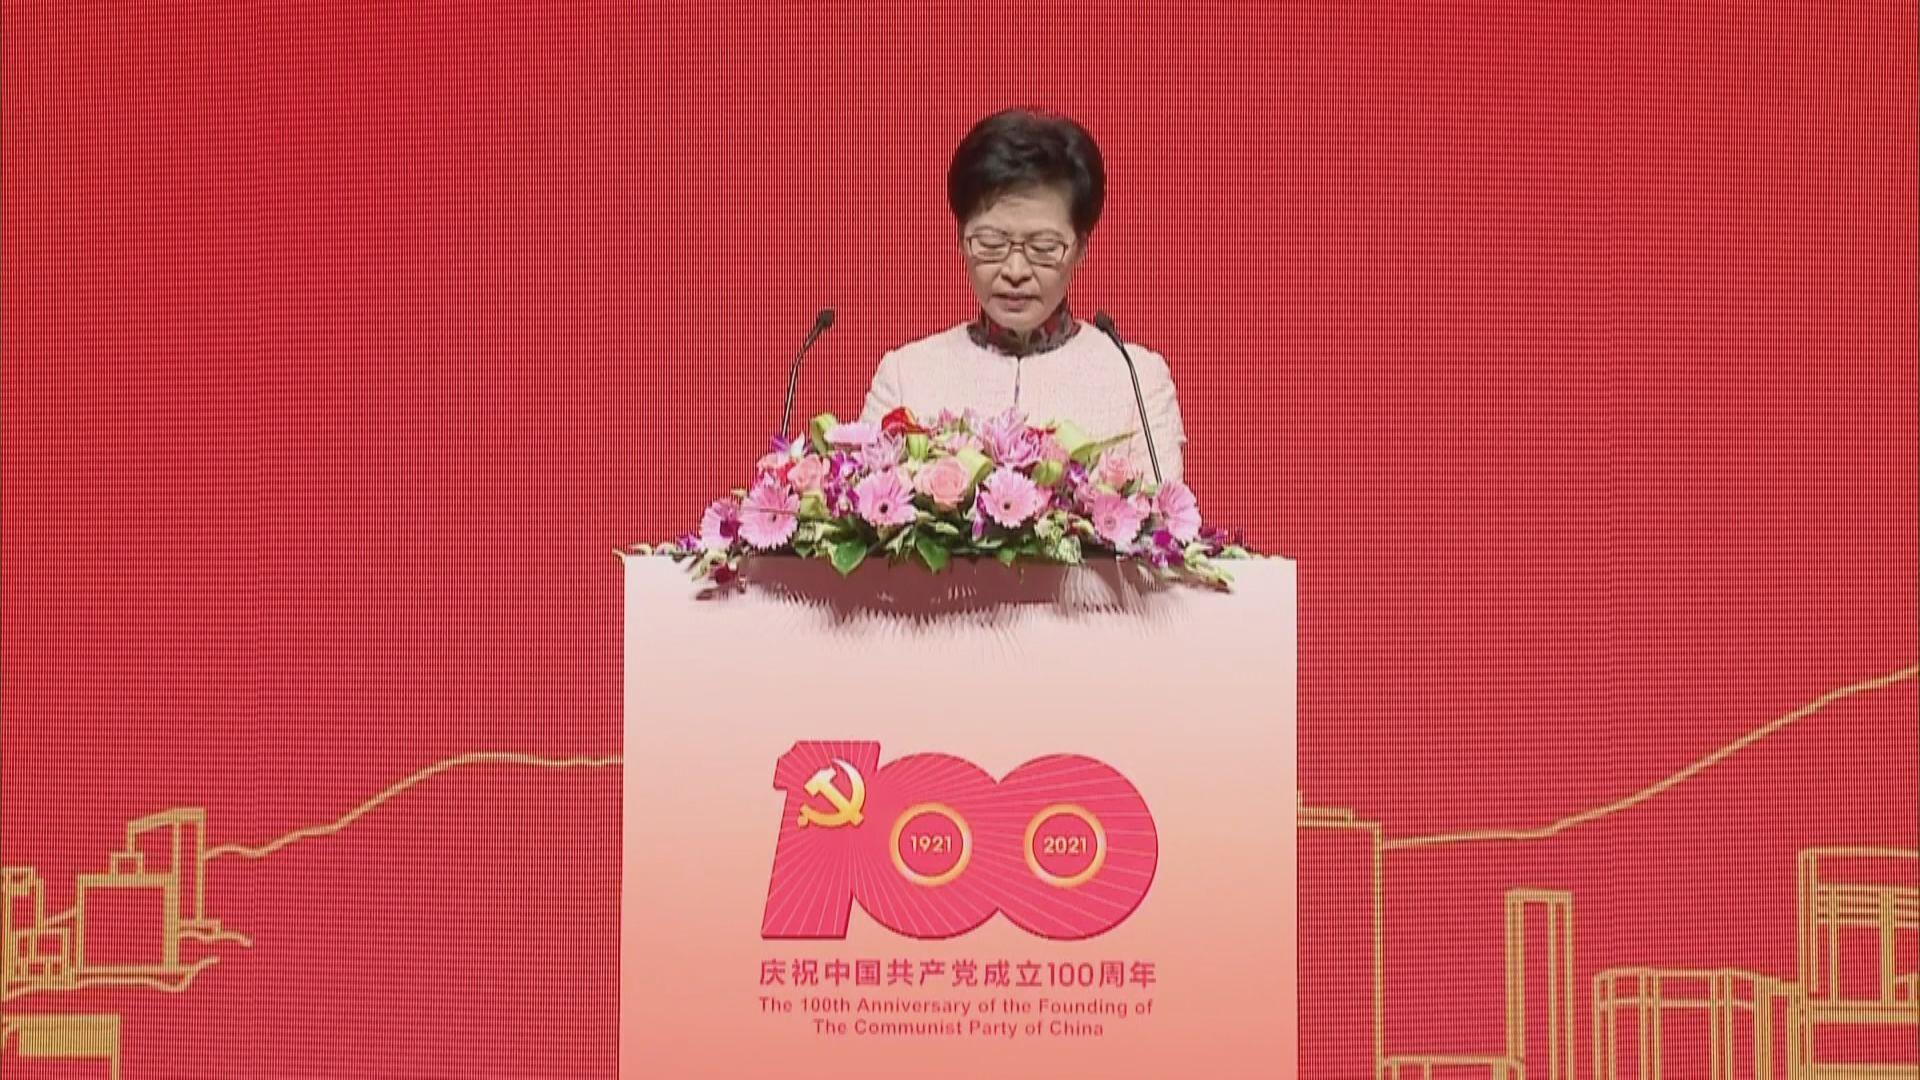 林鄭:香港由亂轉治 展示共產黨優勢制度自信